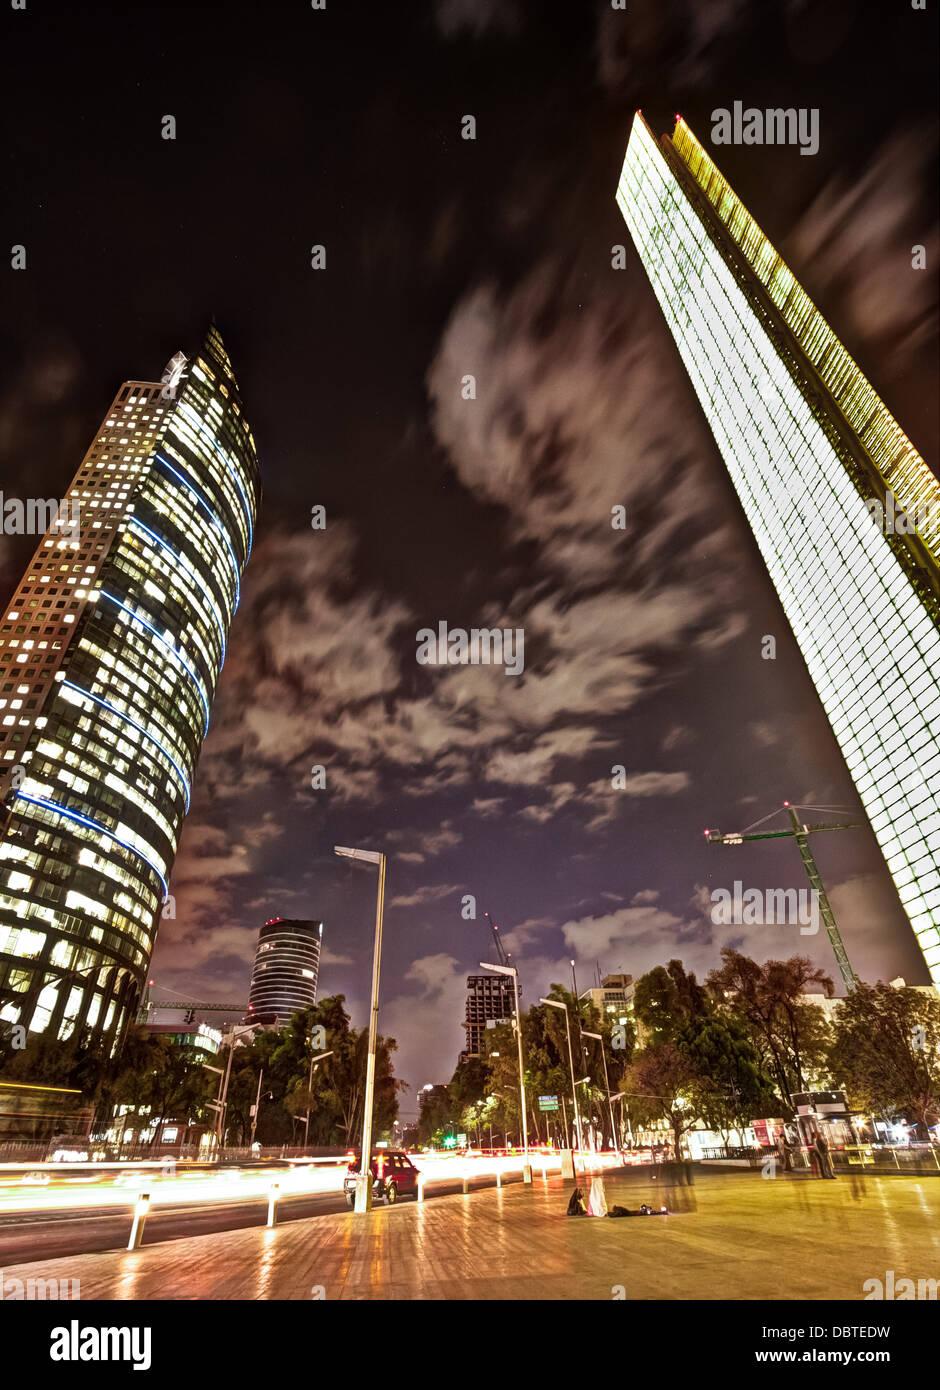 Foto tomada en la Ciudad de México Imagen De Stock